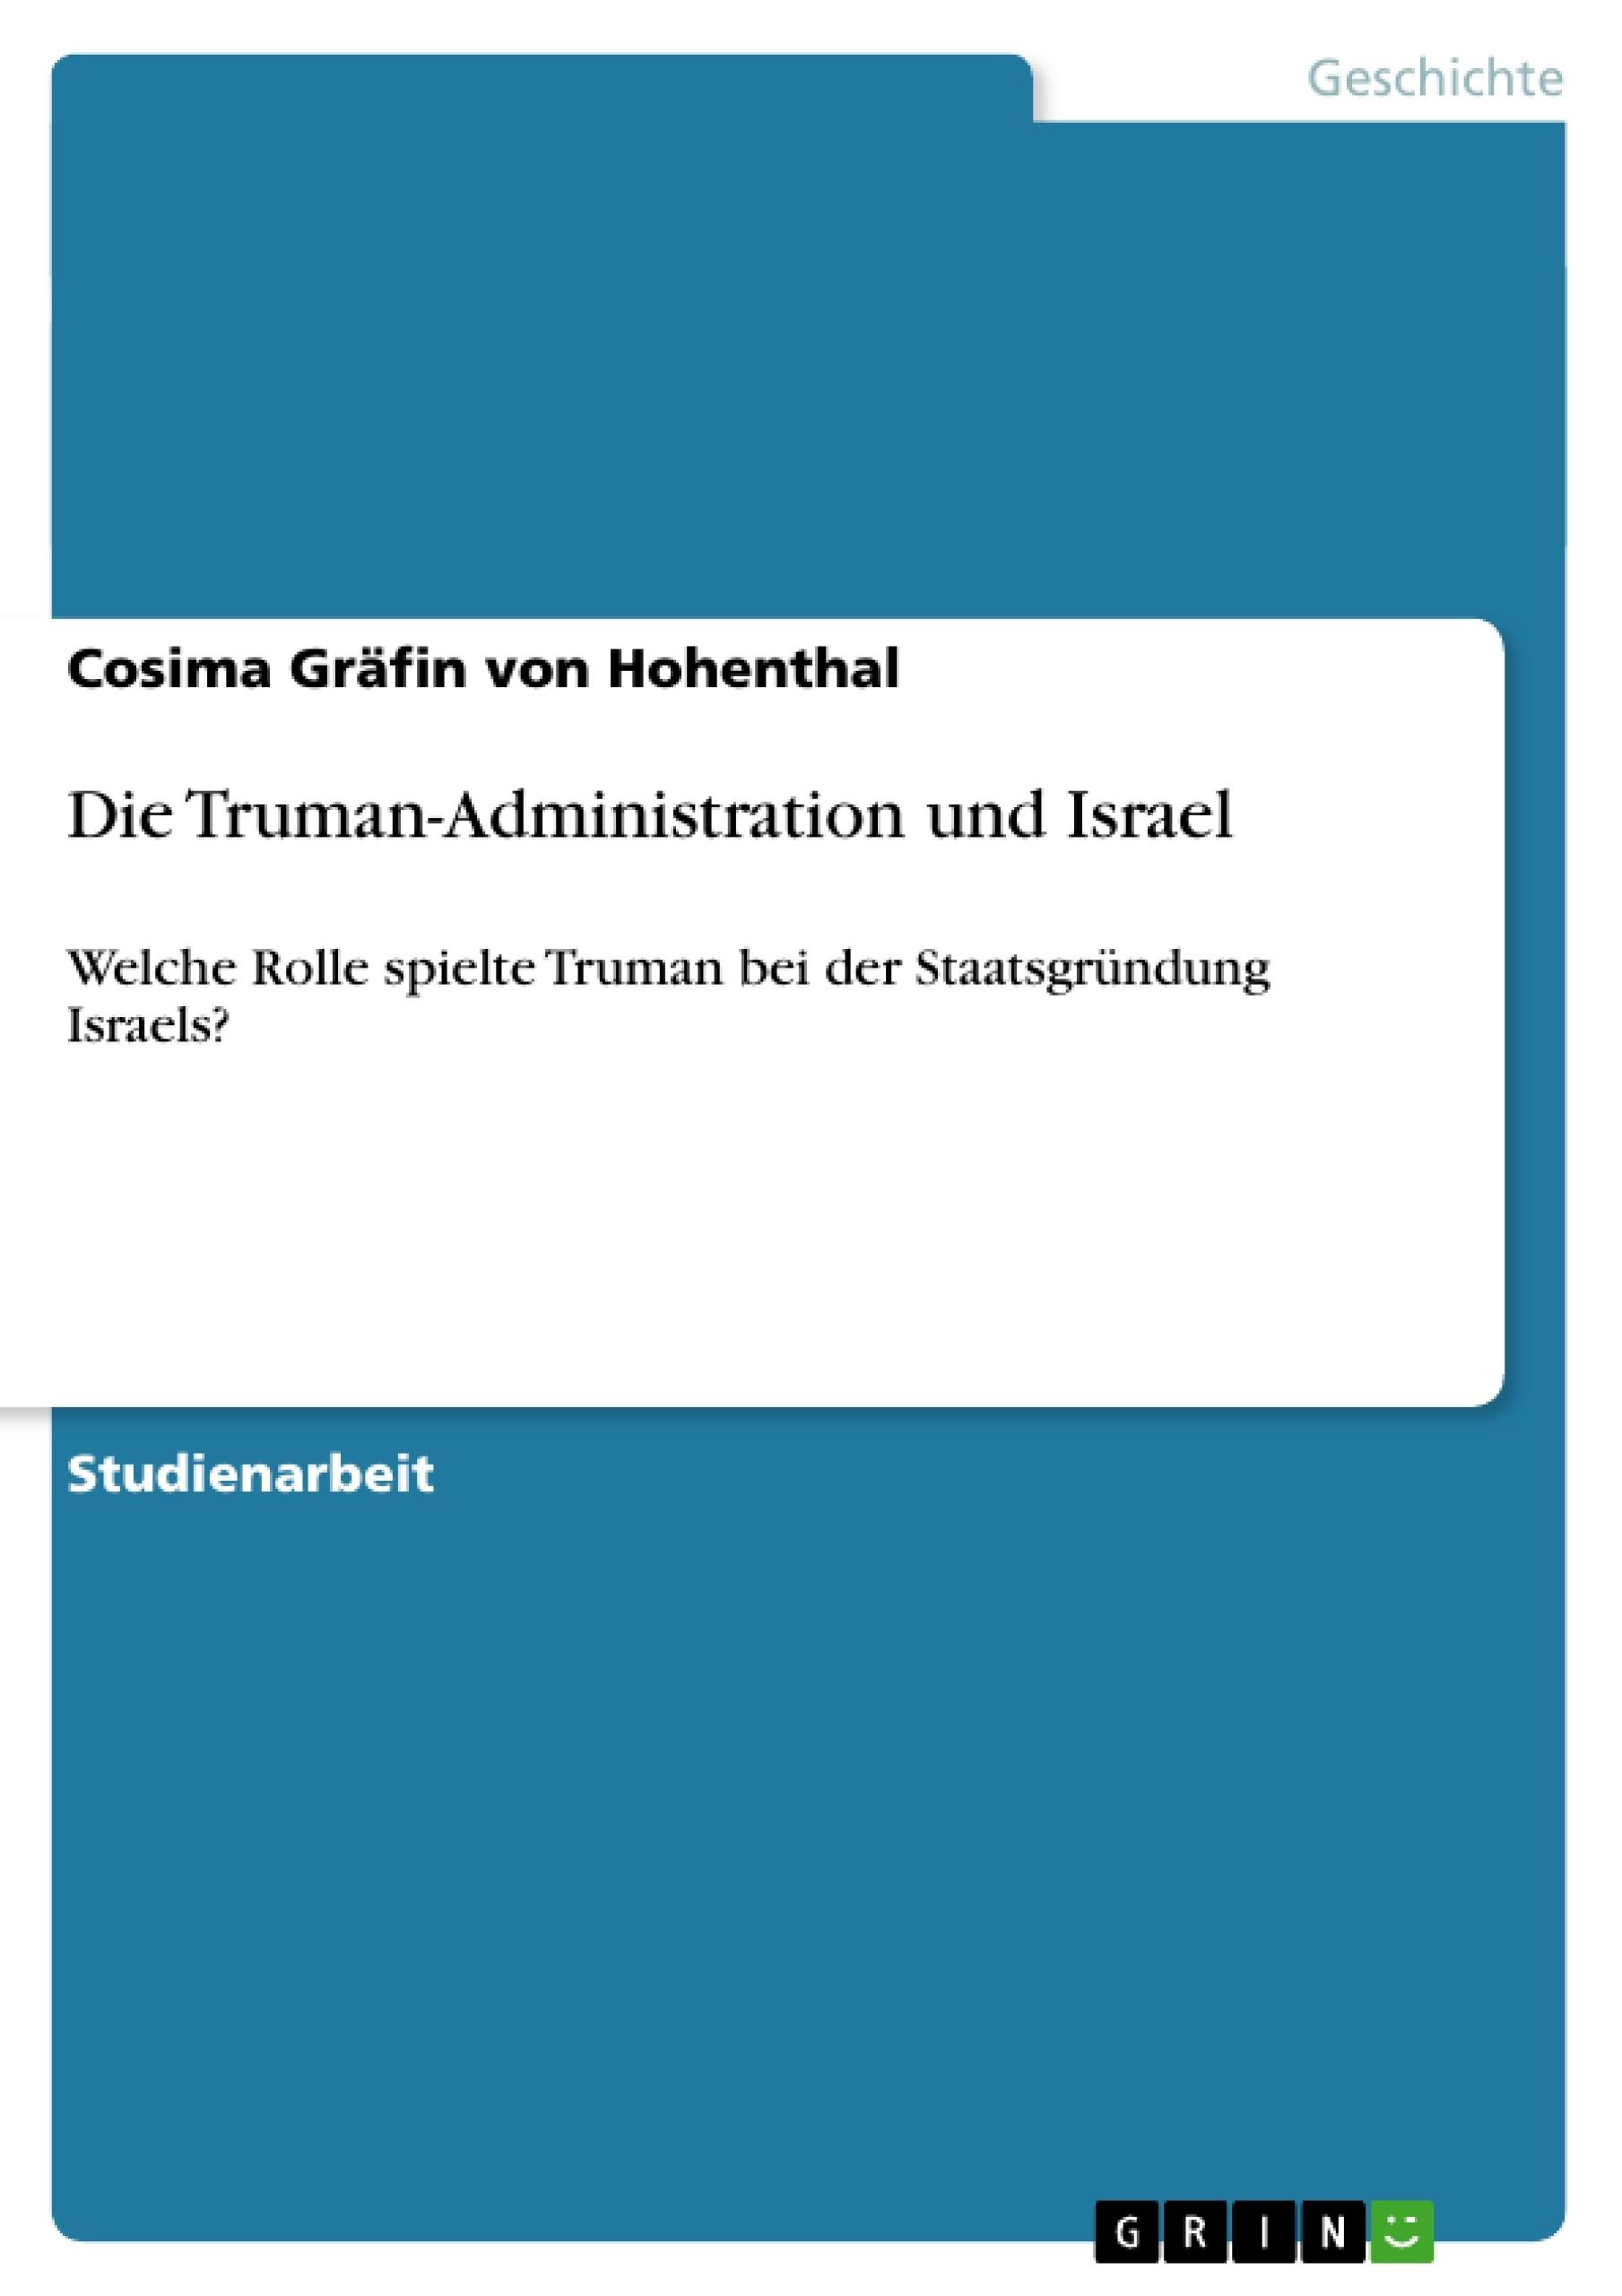 Titel: Die Truman-Administration und Israel